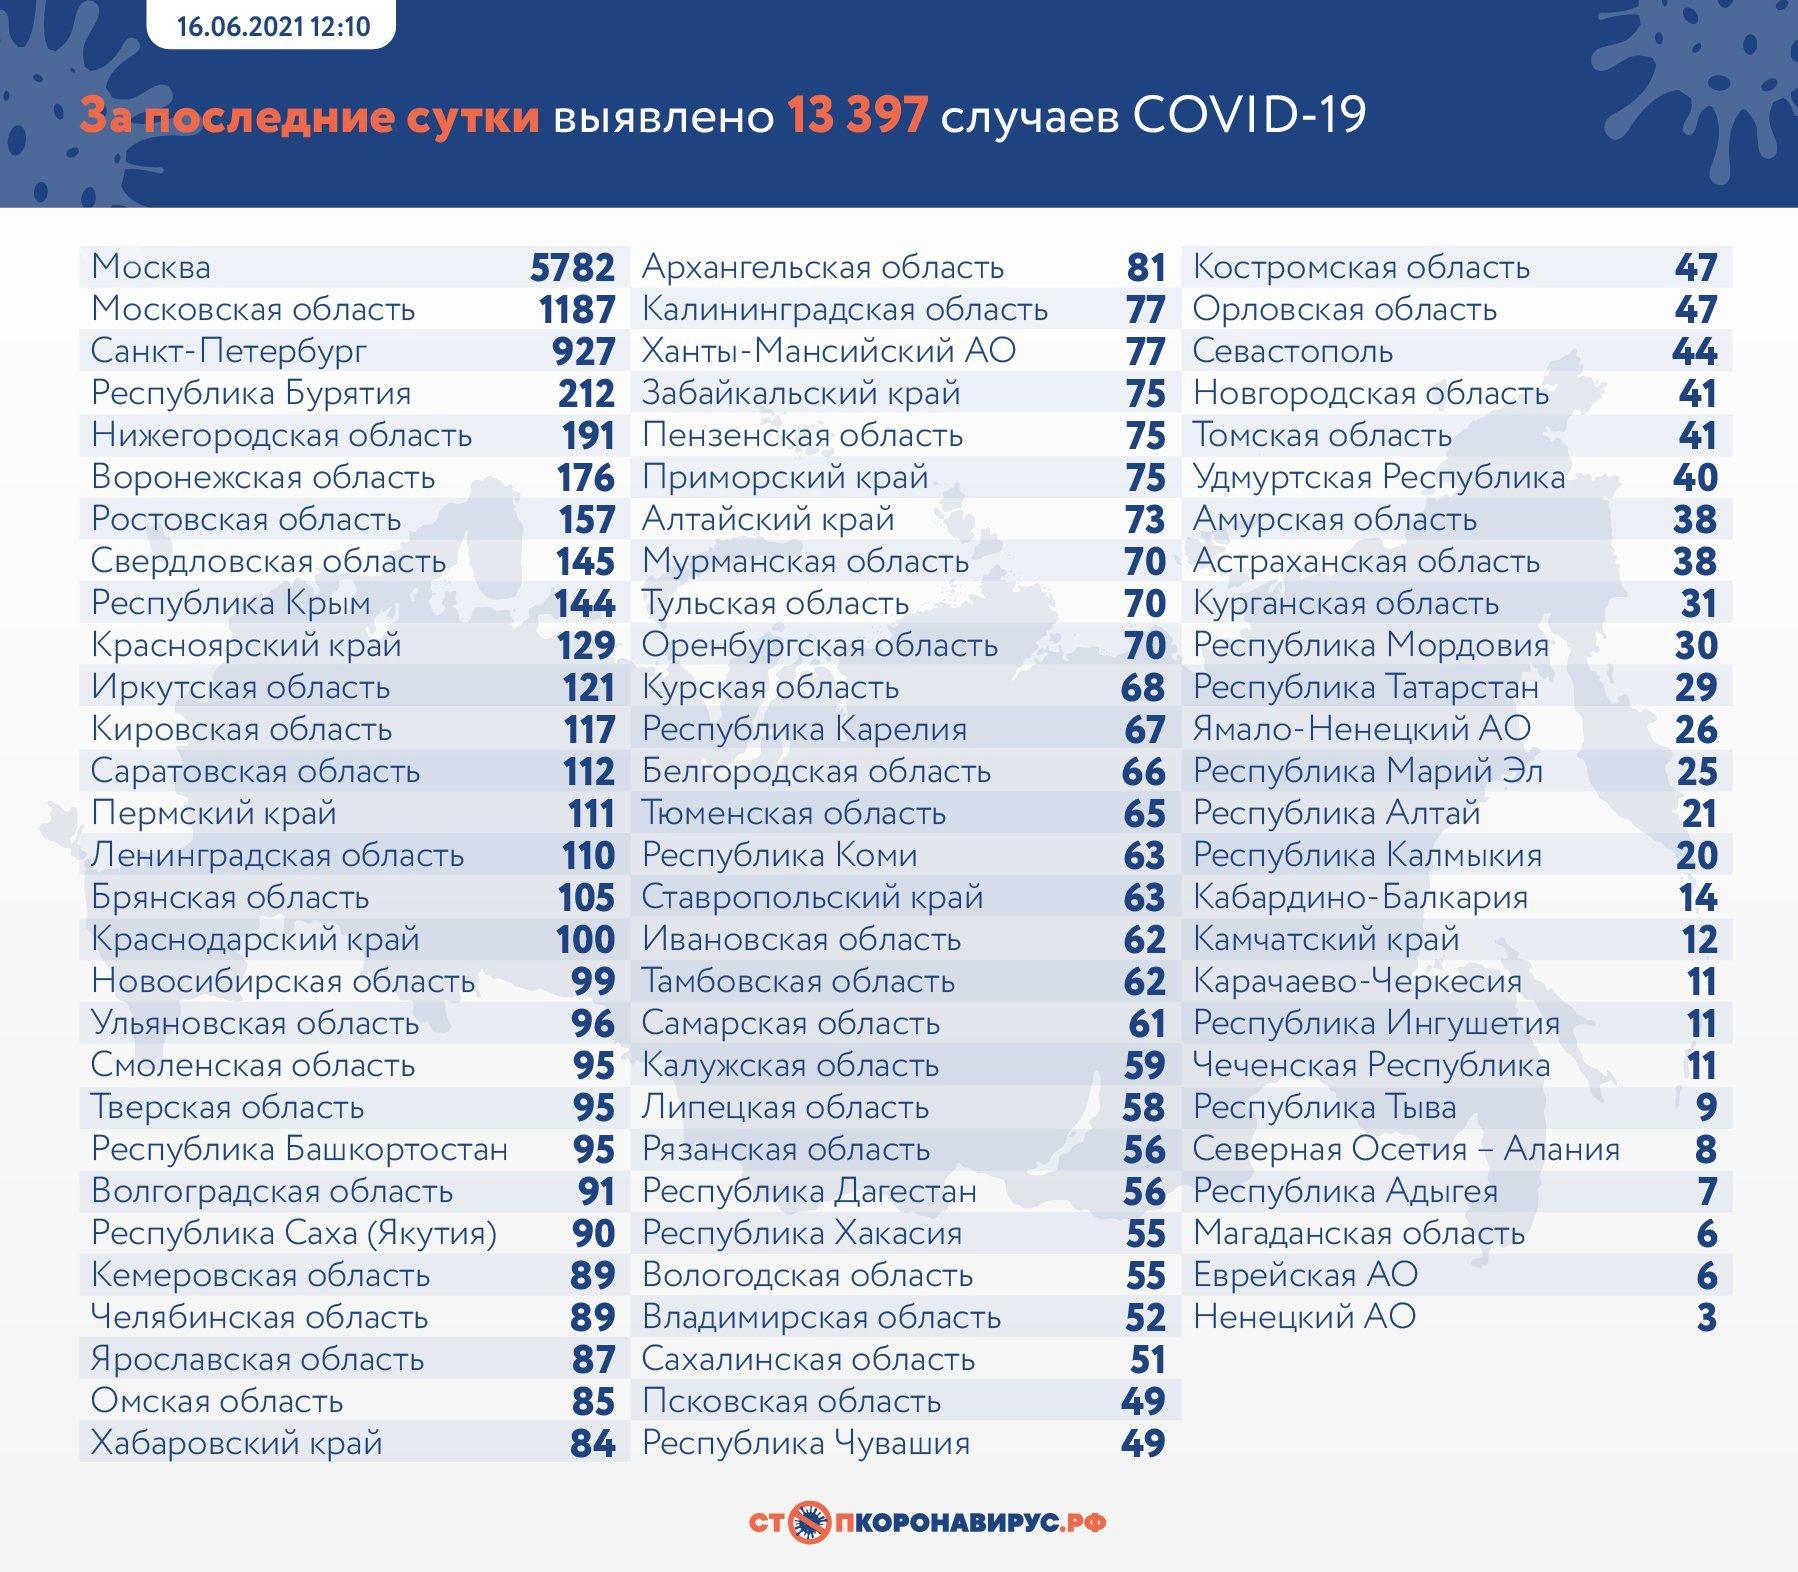 Фото 13 397 случаев заражения COVID-19 выявили в России за сутки 2